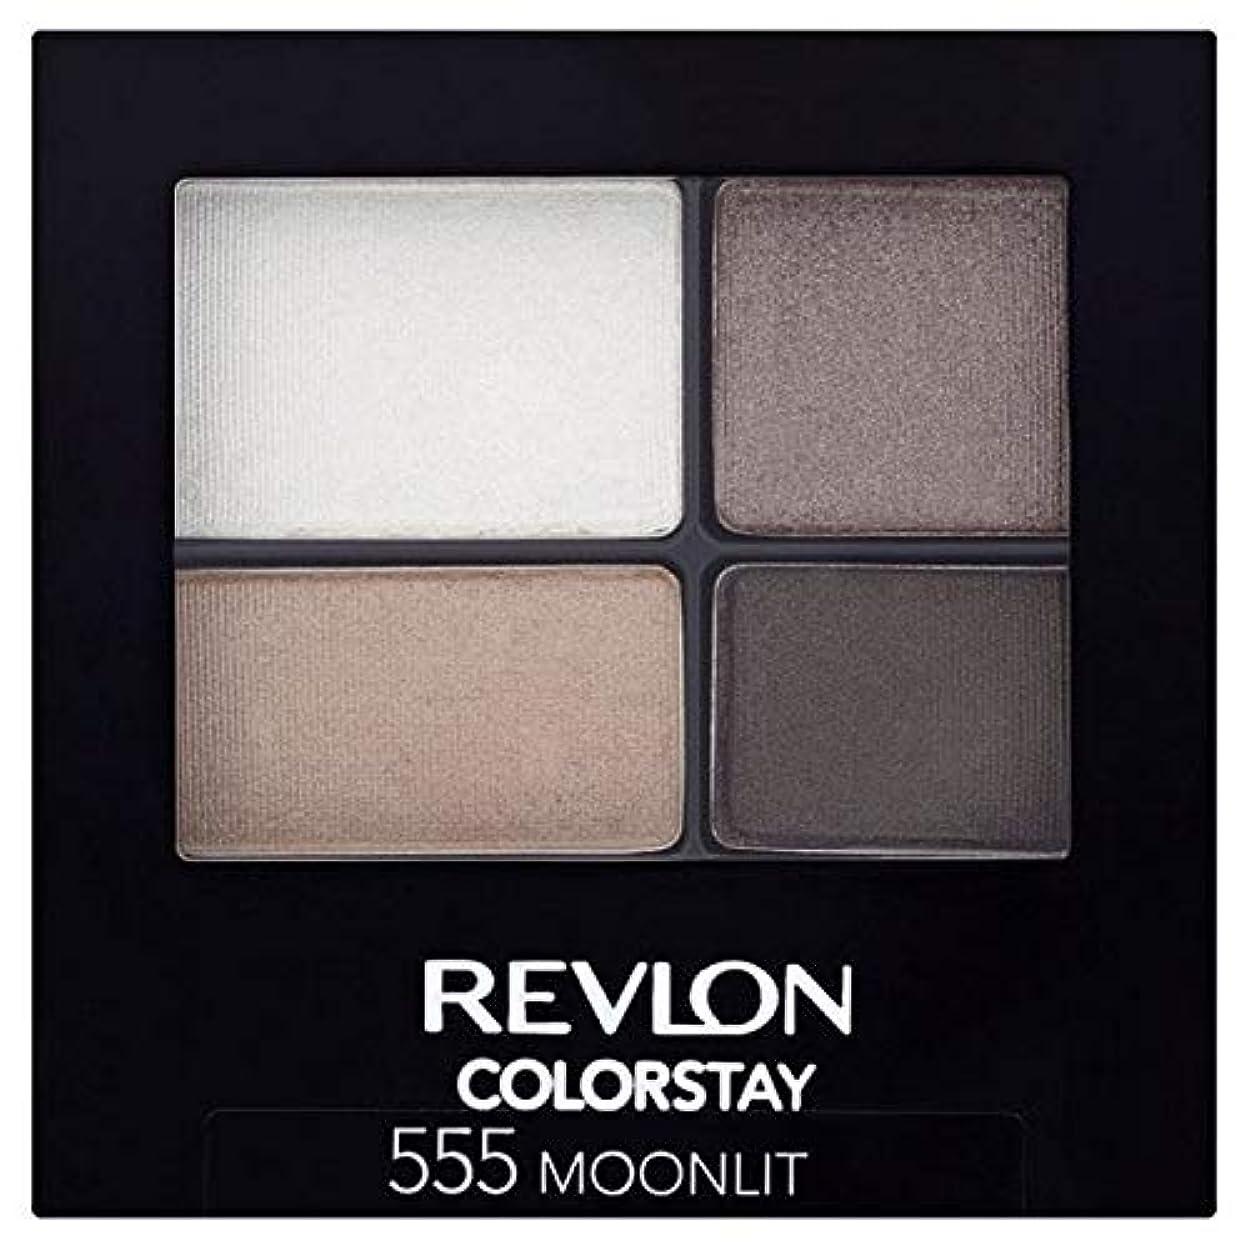 絶望的なはぁ最初[Revlon ] レブロンColorstay 16時間のアイシャドウは555月光 - Revlon Colorstay 16 Hour Eye Shadow Moonlight 555 [並行輸入品]